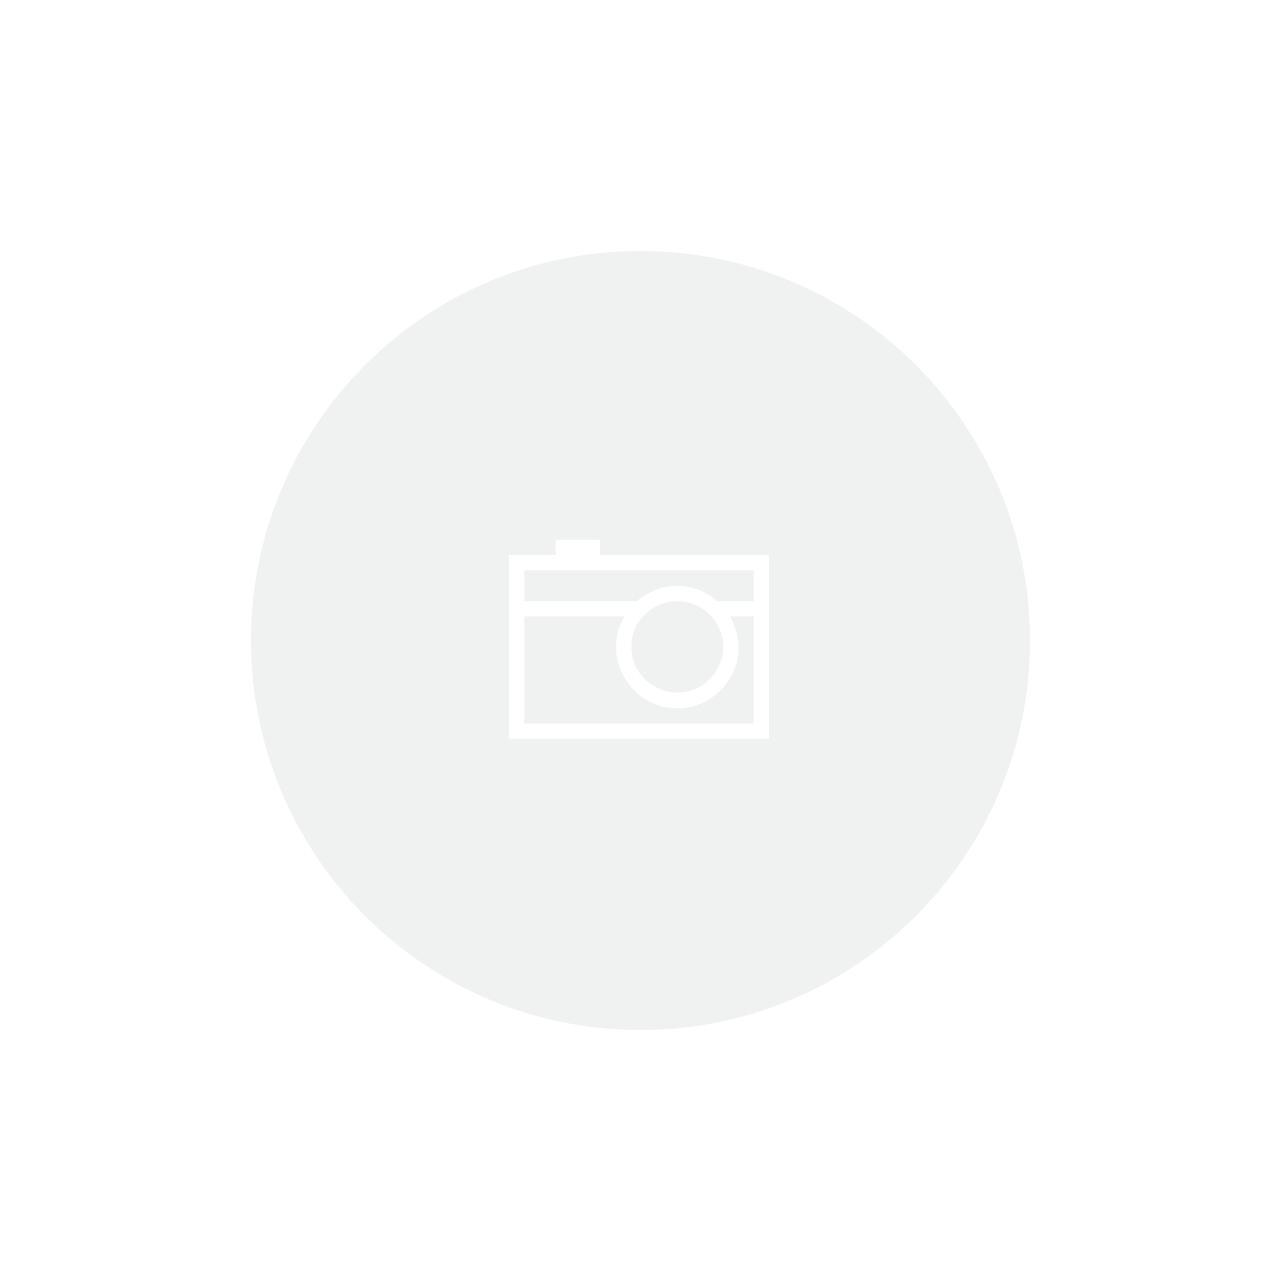 Placa da Máquina A6 Slim/Comfort